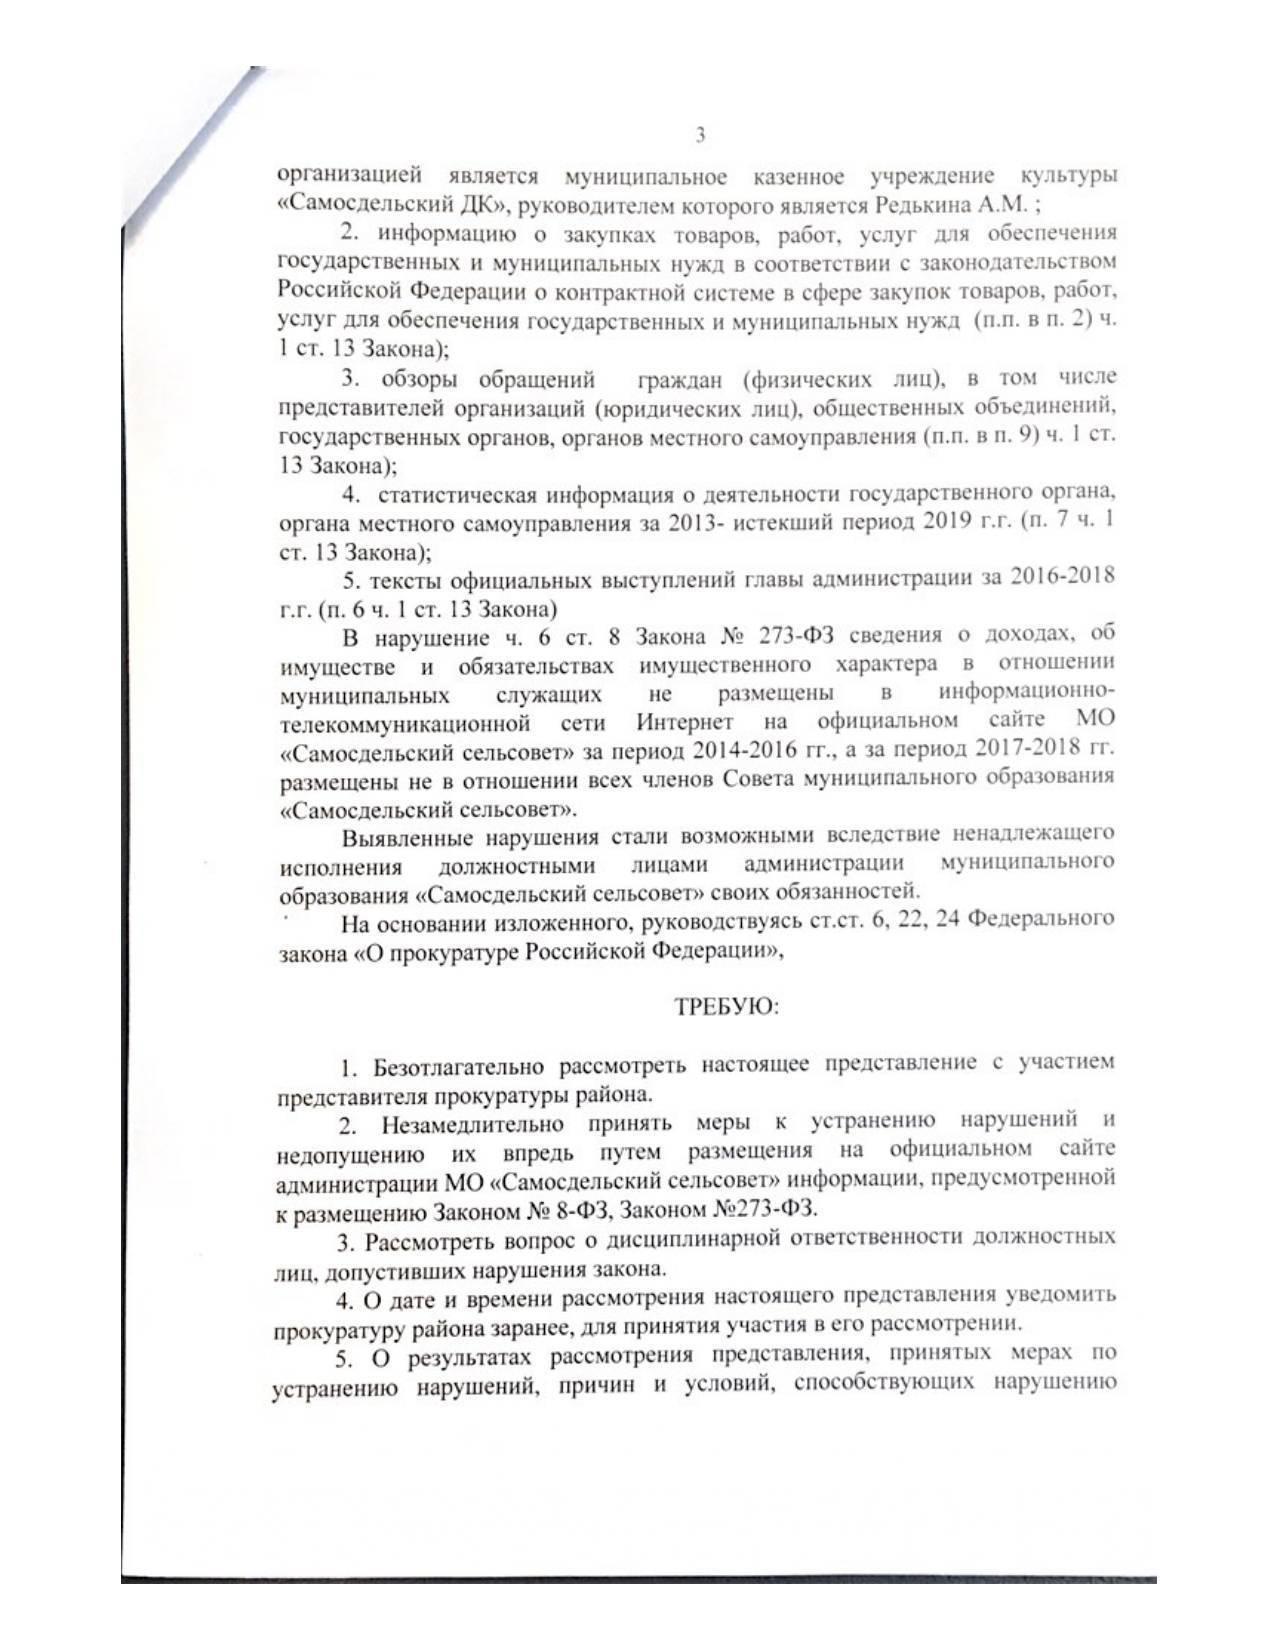 Лечение туберкулеза приказ № 951, законы, принудительная терапия для больных, когда лечат амбулаторно